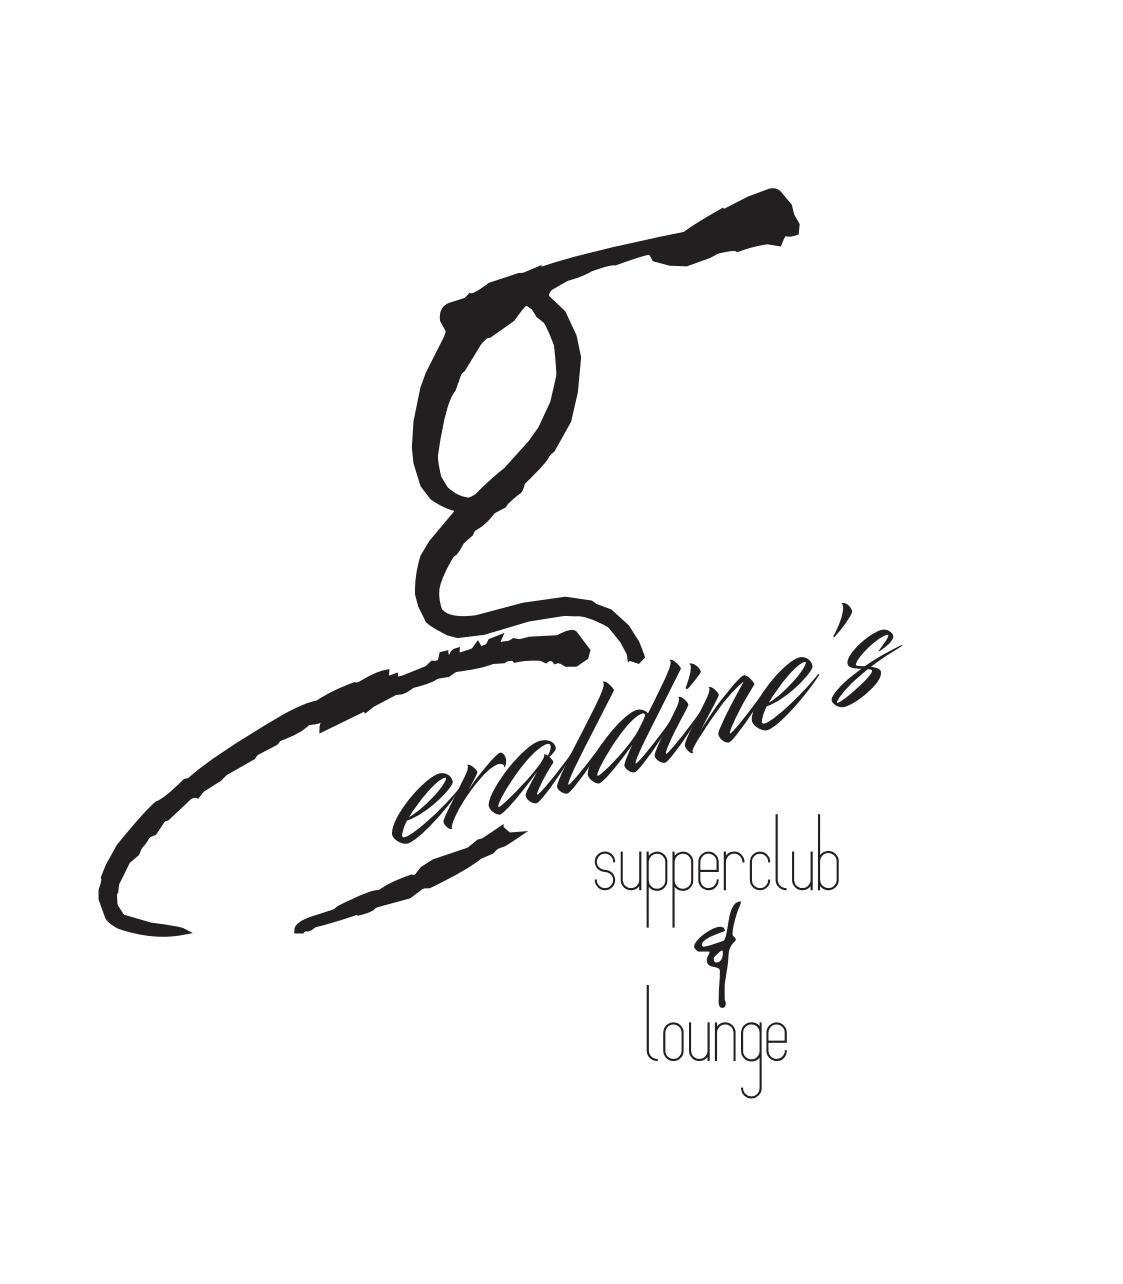 Geraldine's Supper Club & Lounge